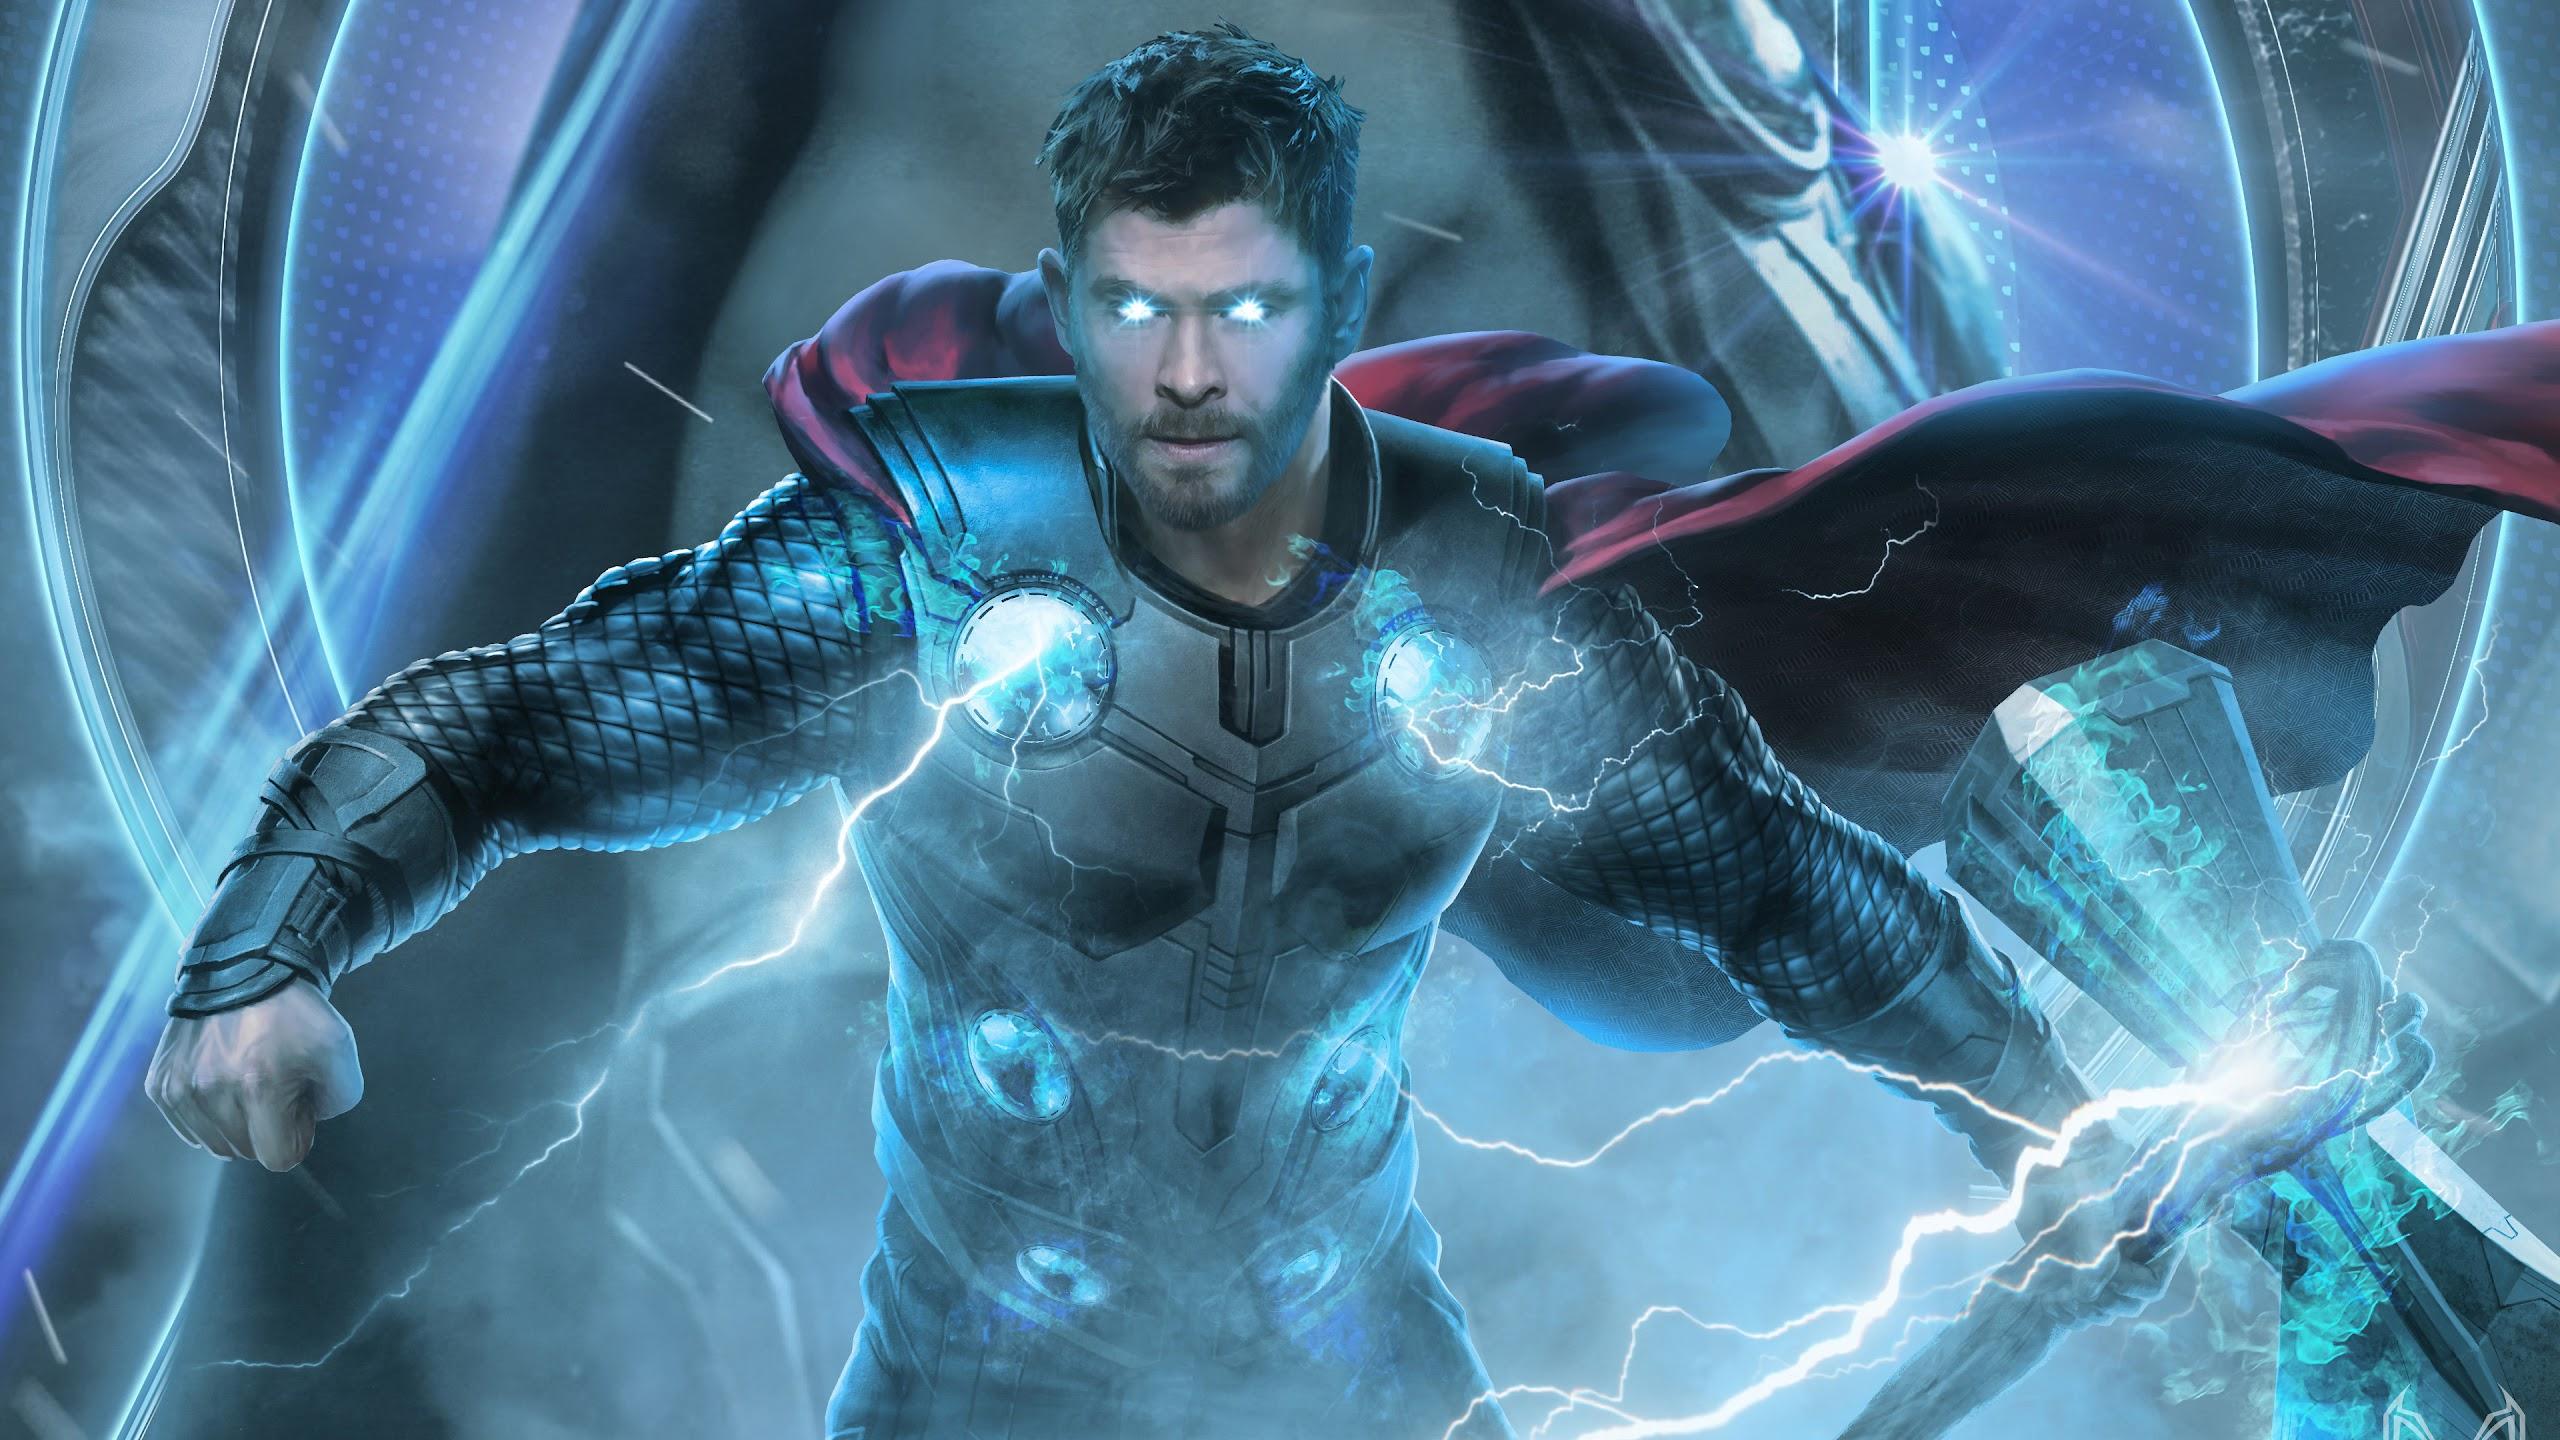 Avengers Endgame Thor 4k Wallpaper 17